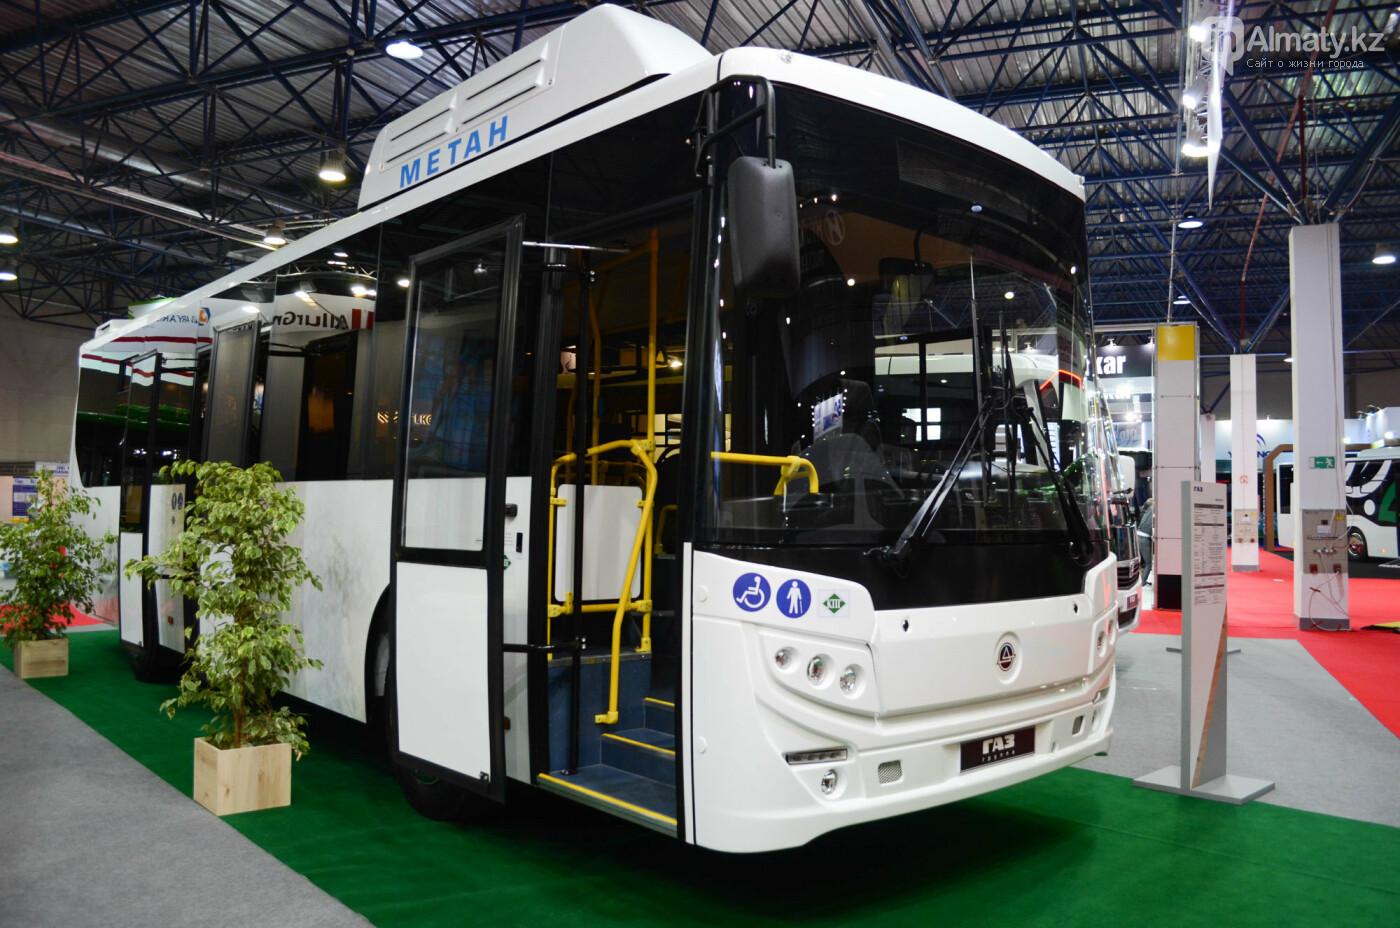 Новейшие автобусы из шести стран представили в Алматы, фото-6